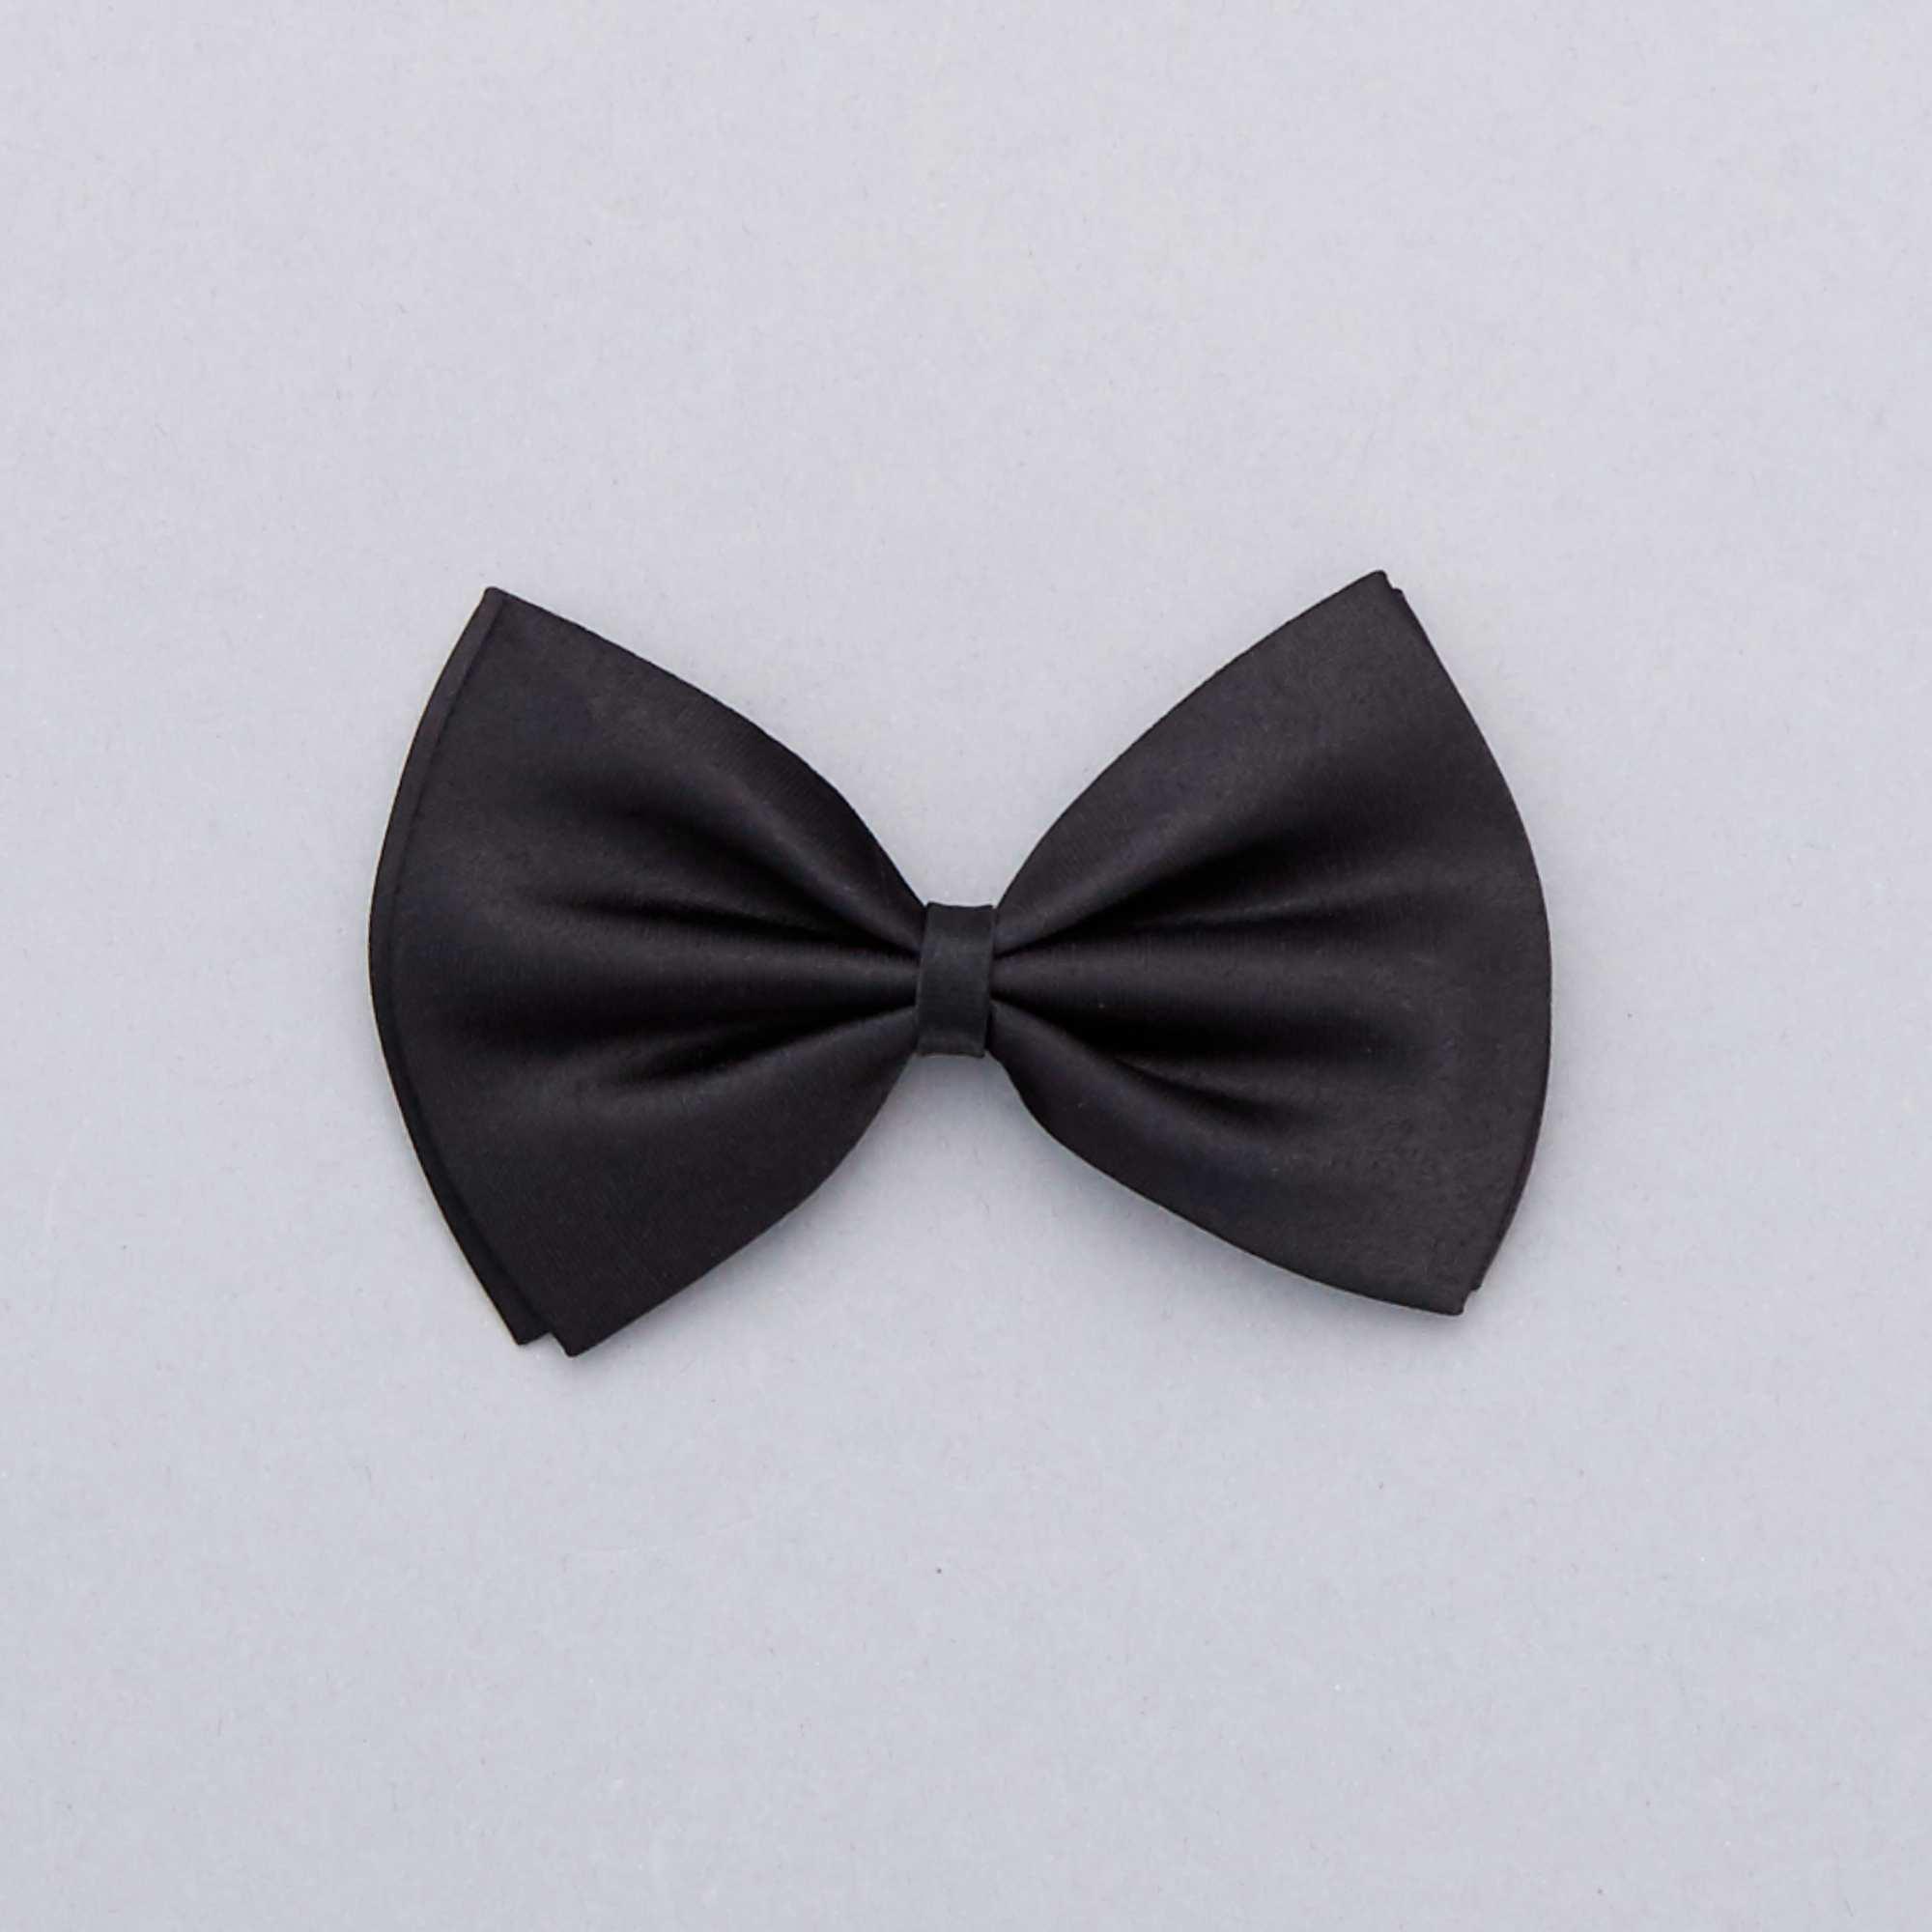 069bd4d700d8e Noeud papillon uni Accessoires - noir - Kiabi - 1,50€